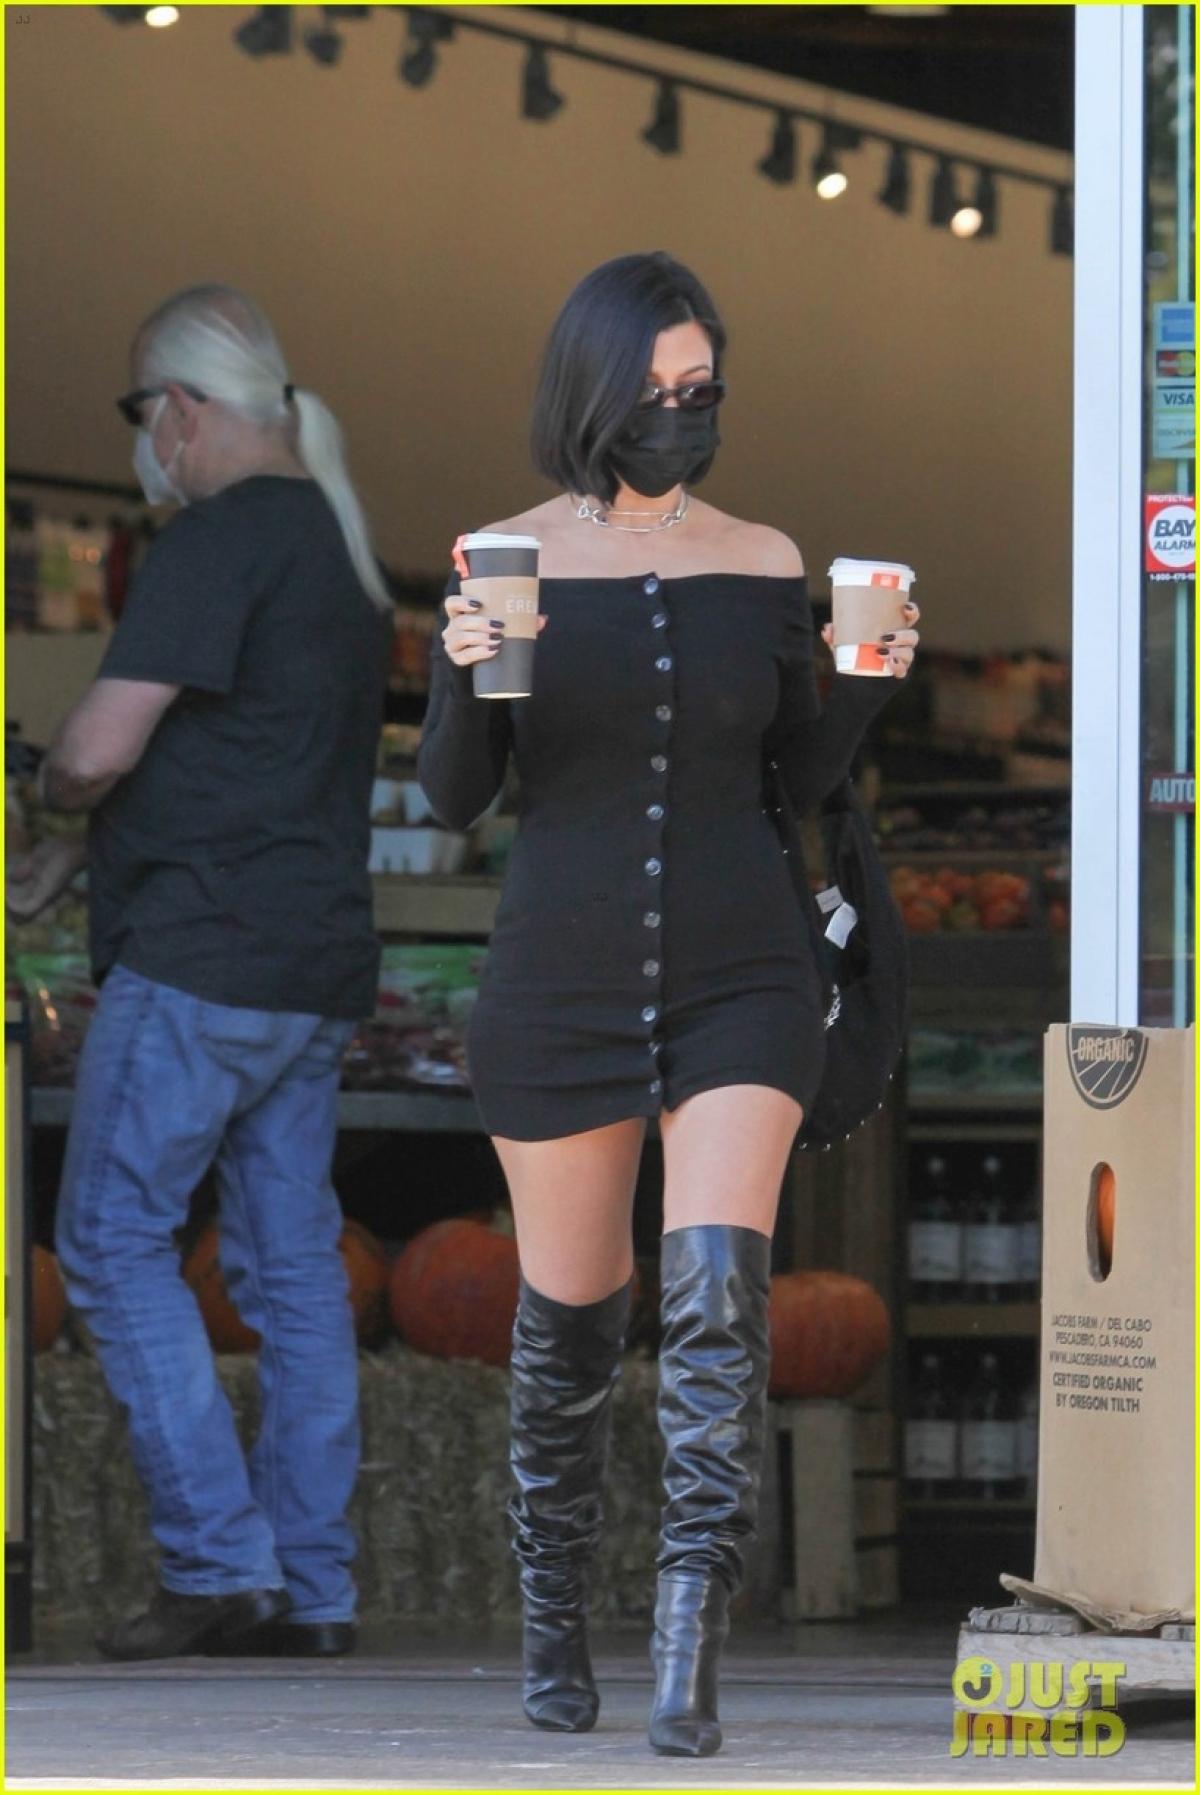 Kourtney Kardashian cho biết, cô hài lòng với cuộc sống hiện tại./.